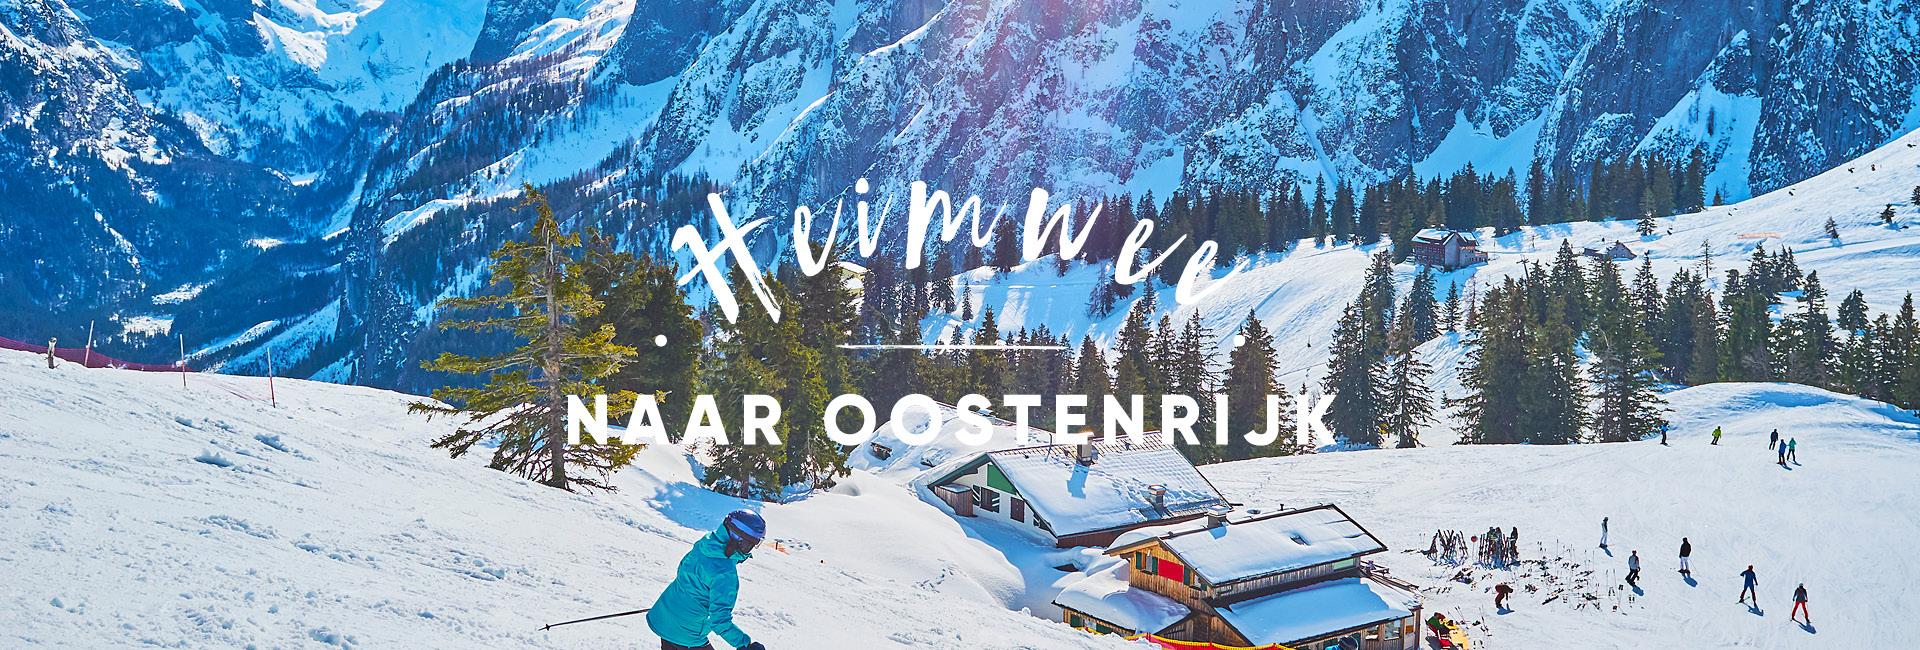 Heimwee naar Oostenrijk